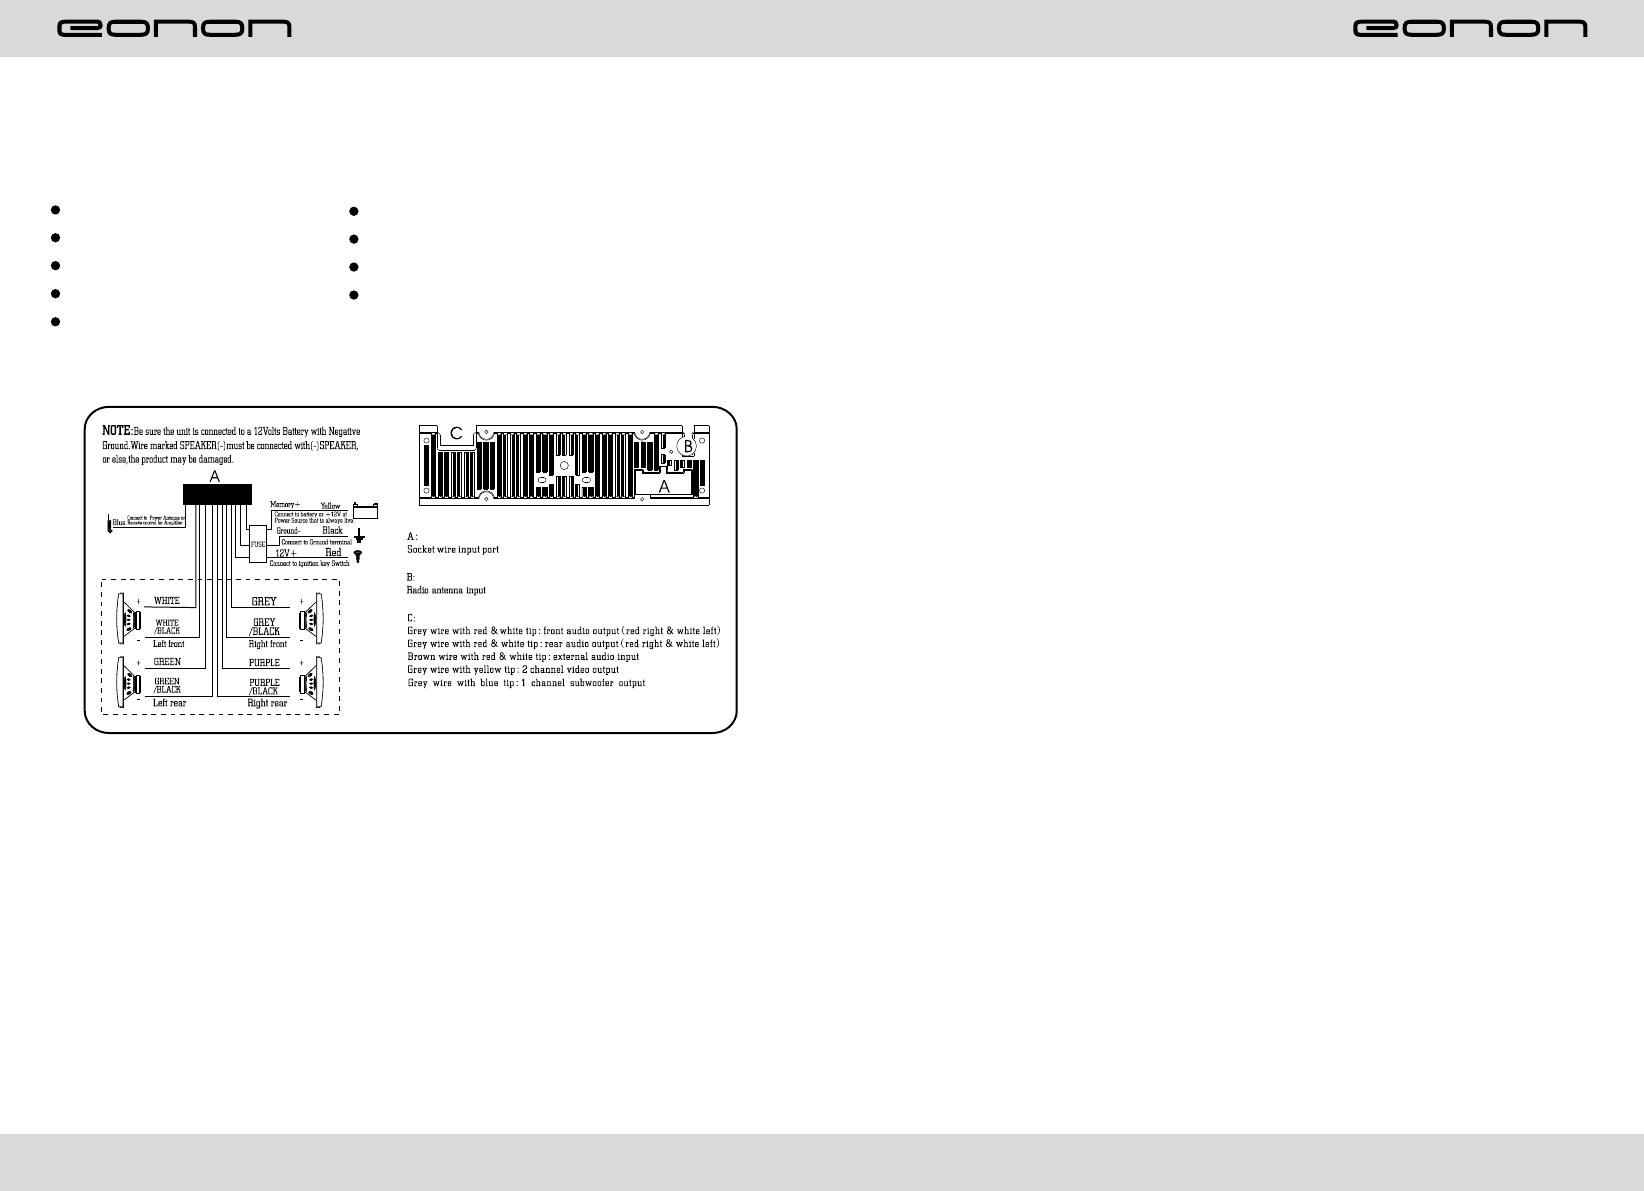 Bedienungsanleitung Eonon E1095 Seite 1 Von 16 Englisch Wiring Diagram 128